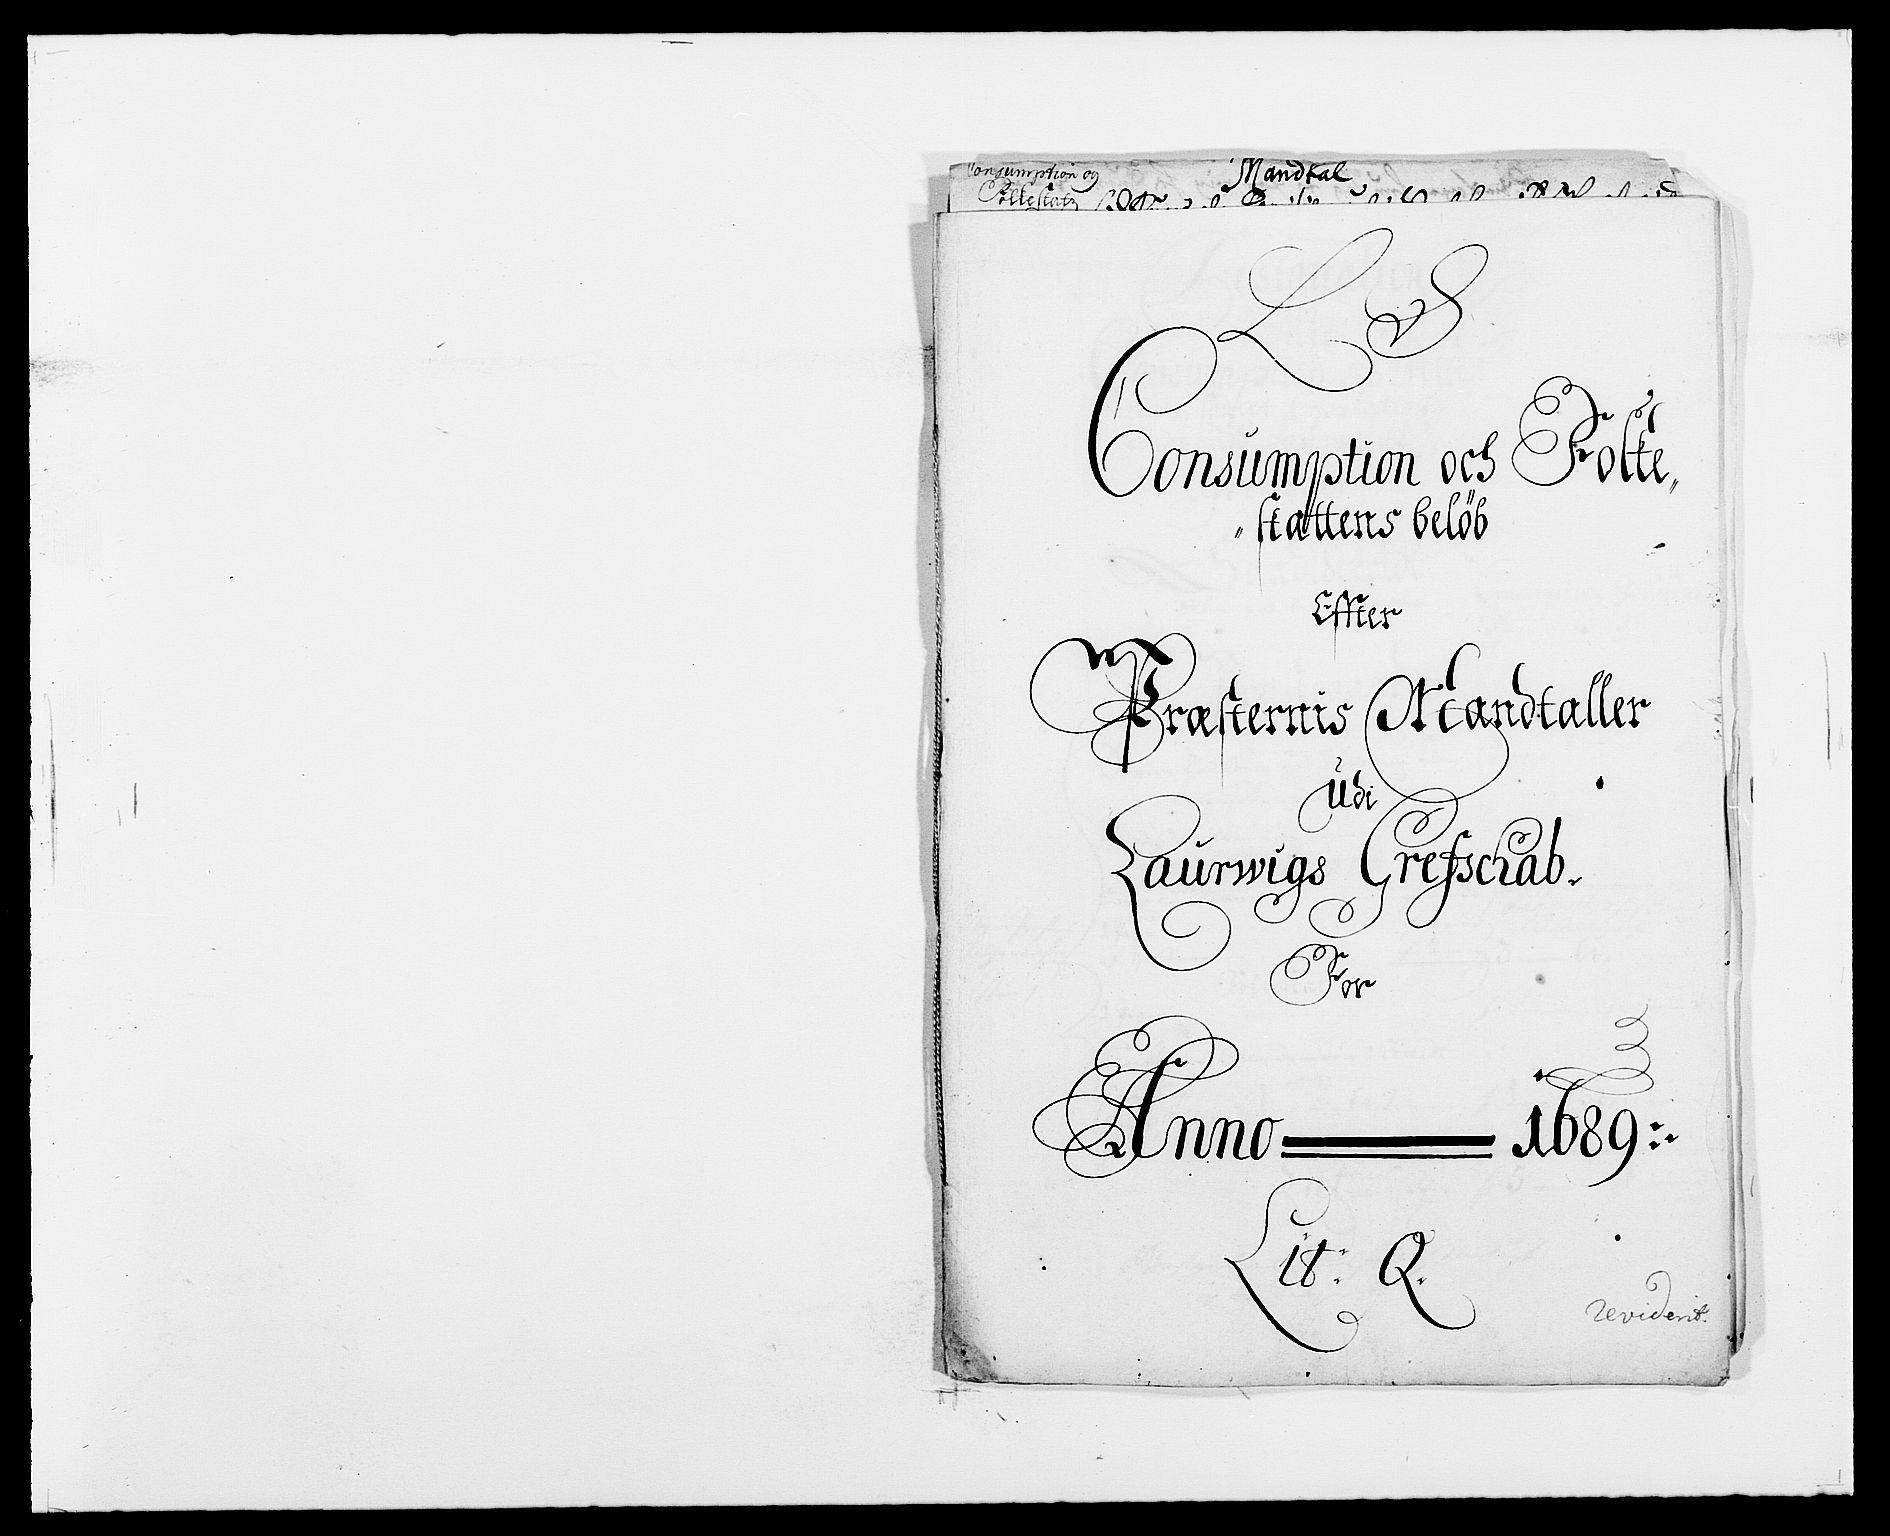 RA, Rentekammeret inntil 1814, Reviderte regnskaper, Fogderegnskap, R33/L1971: Fogderegnskap Larvik grevskap, 1688-1689, s. 340